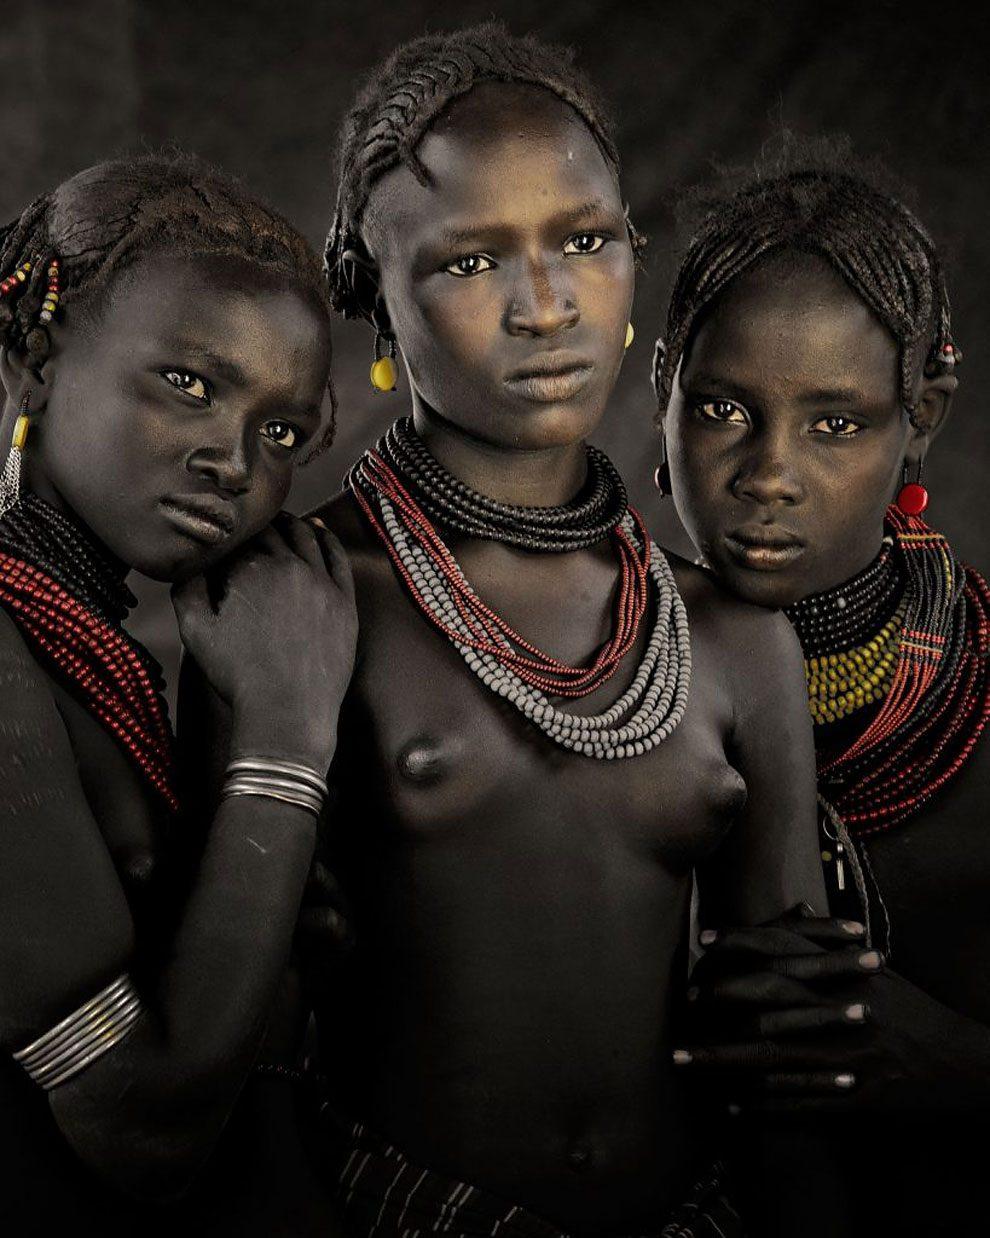 tribu-indigeni-mondo-fotografia-before-they-pass-away-jimmy-nelson-09